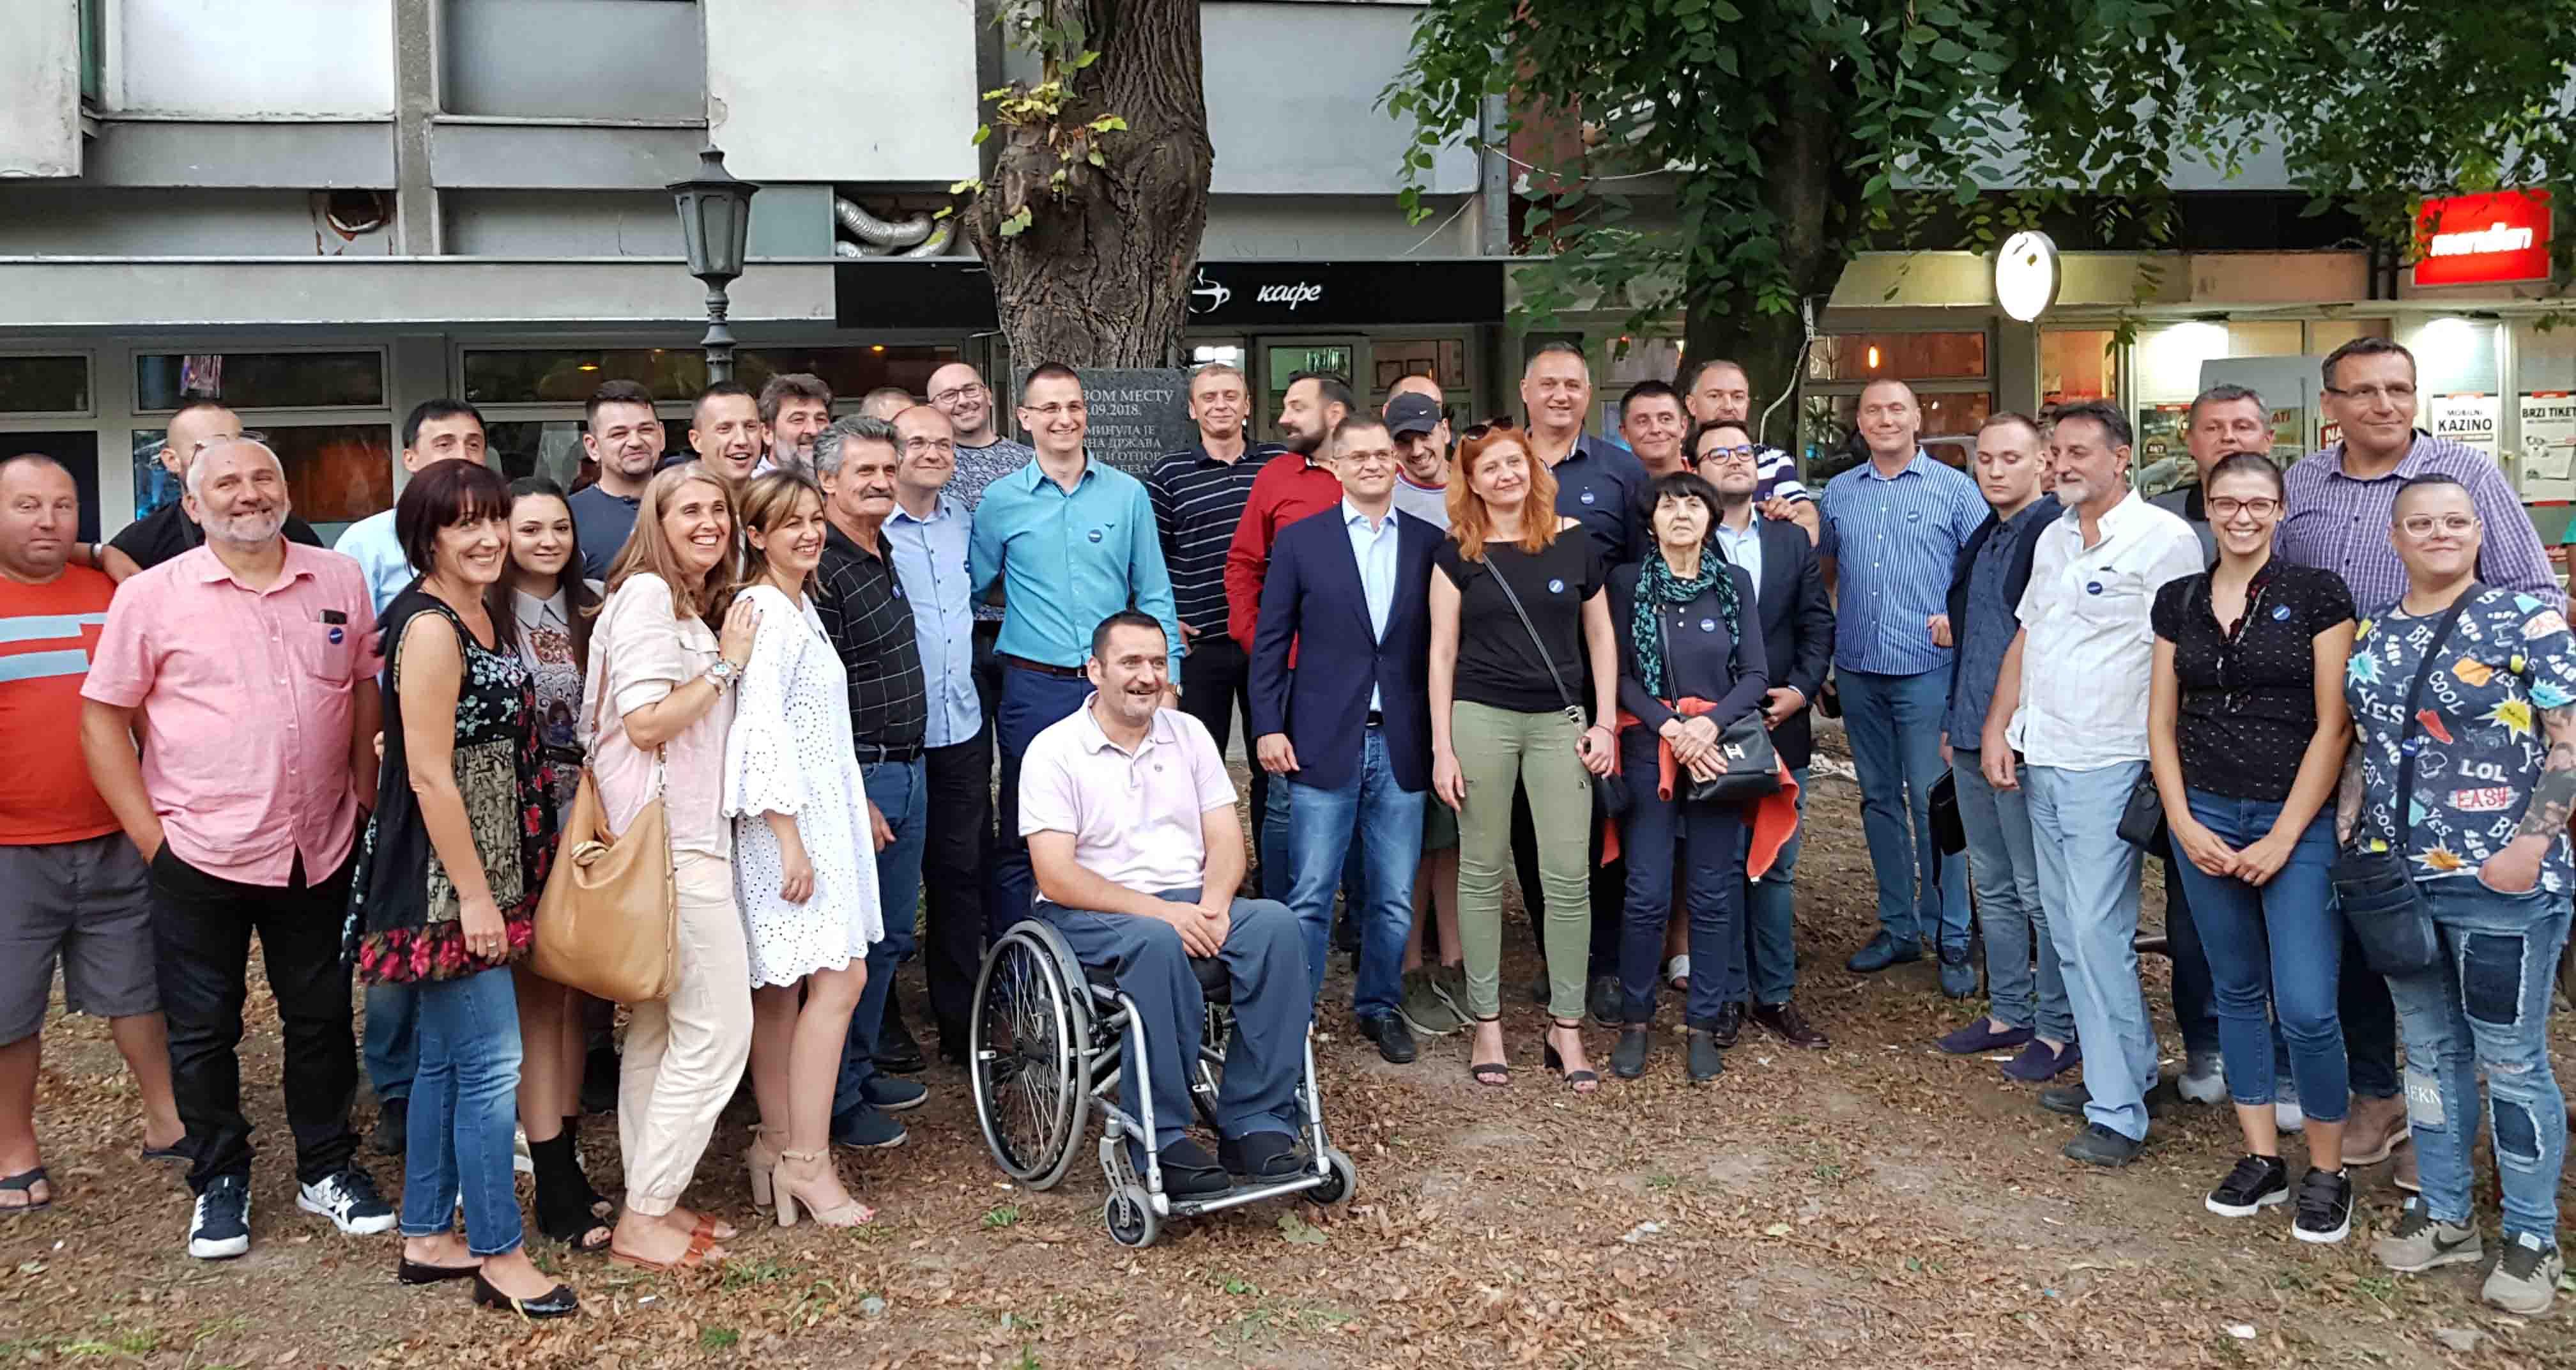 Јеремић: Народна странка закорачила у кампању бојкота